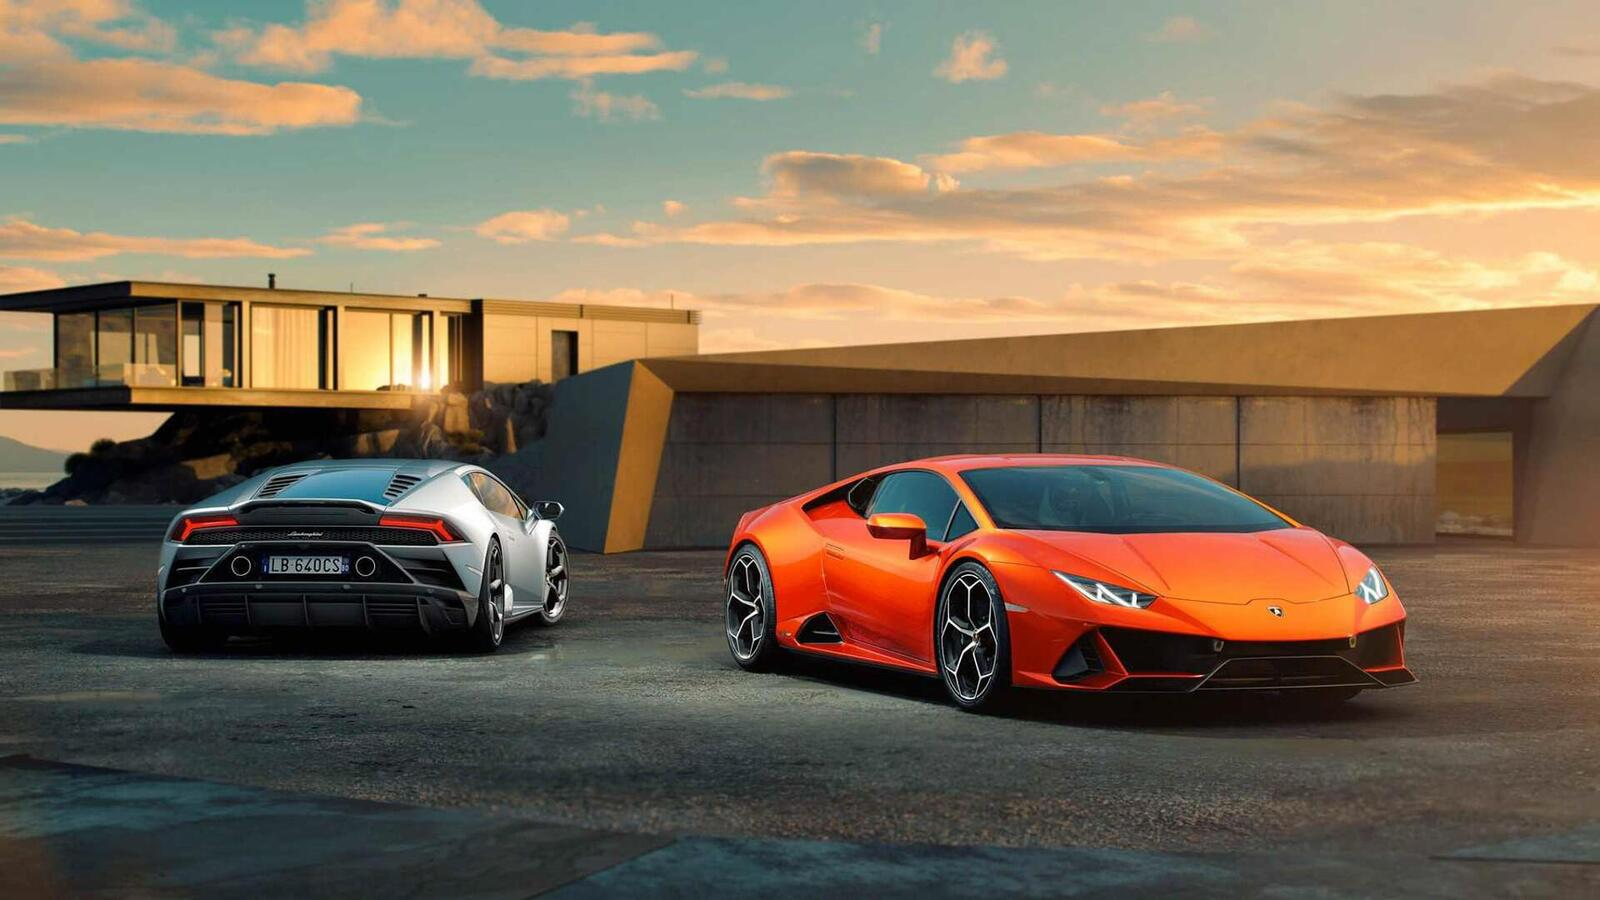 Lamborghini giới thiệu Huracan EVO mới với sức mạnh 640 mã lực - Hình 3